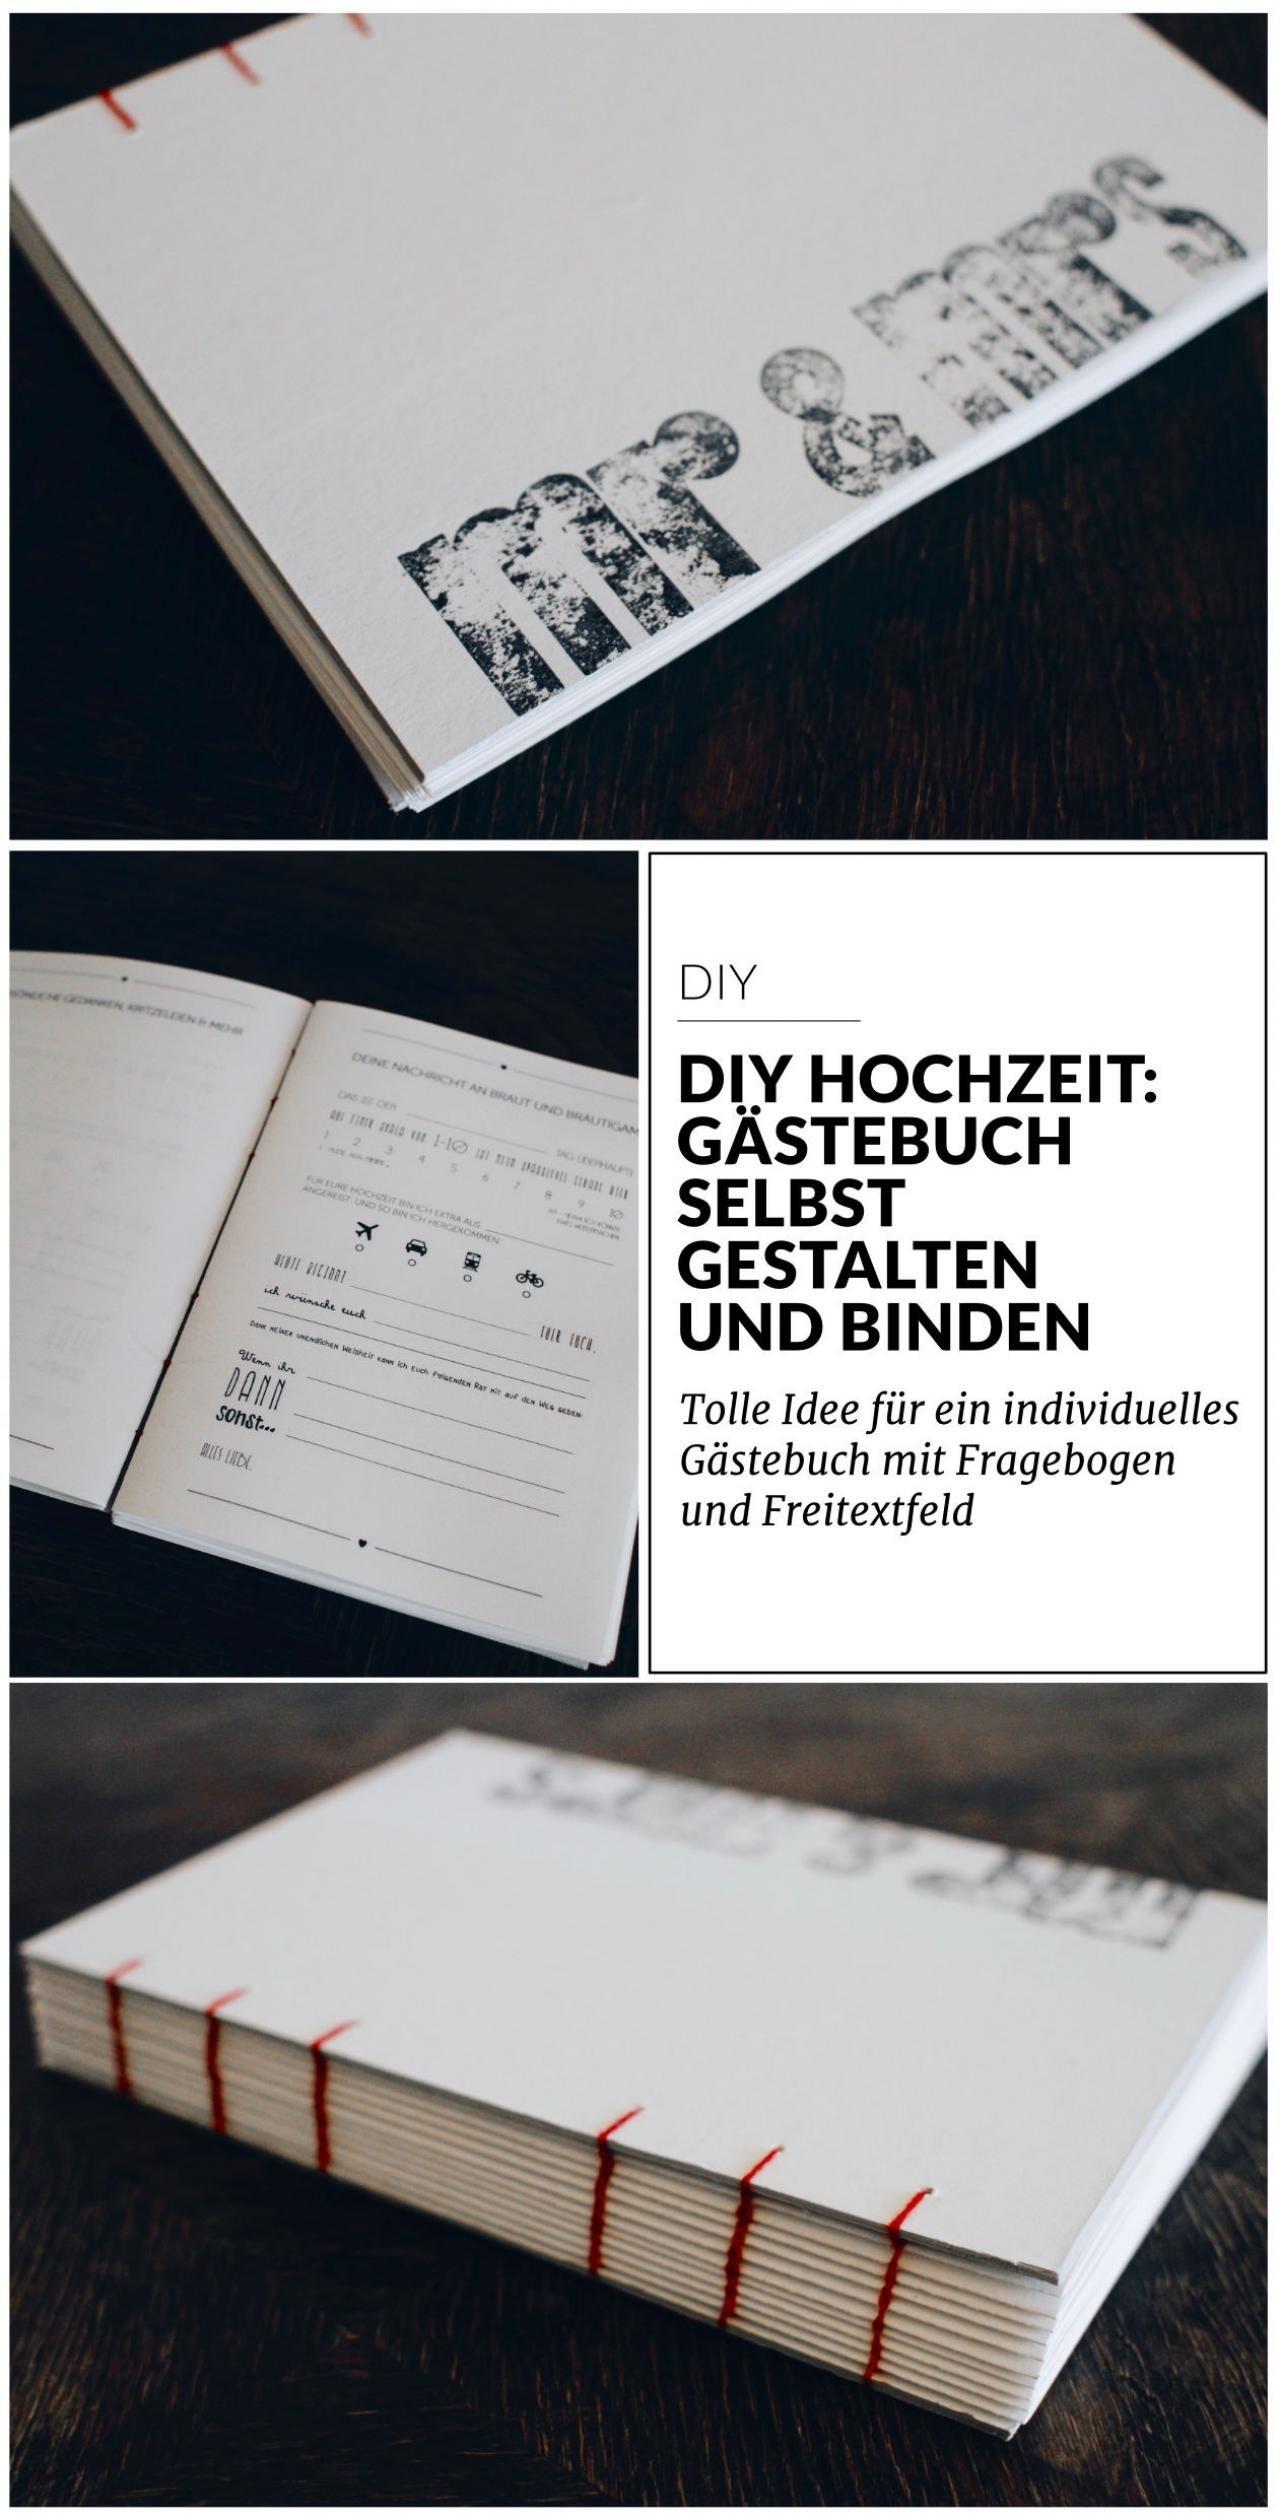 Schön Gästebuch Hochzeit Seite Gestalten Foto Von Anleitung Für Ein Selbst Gebundenes Gästebuch Zur